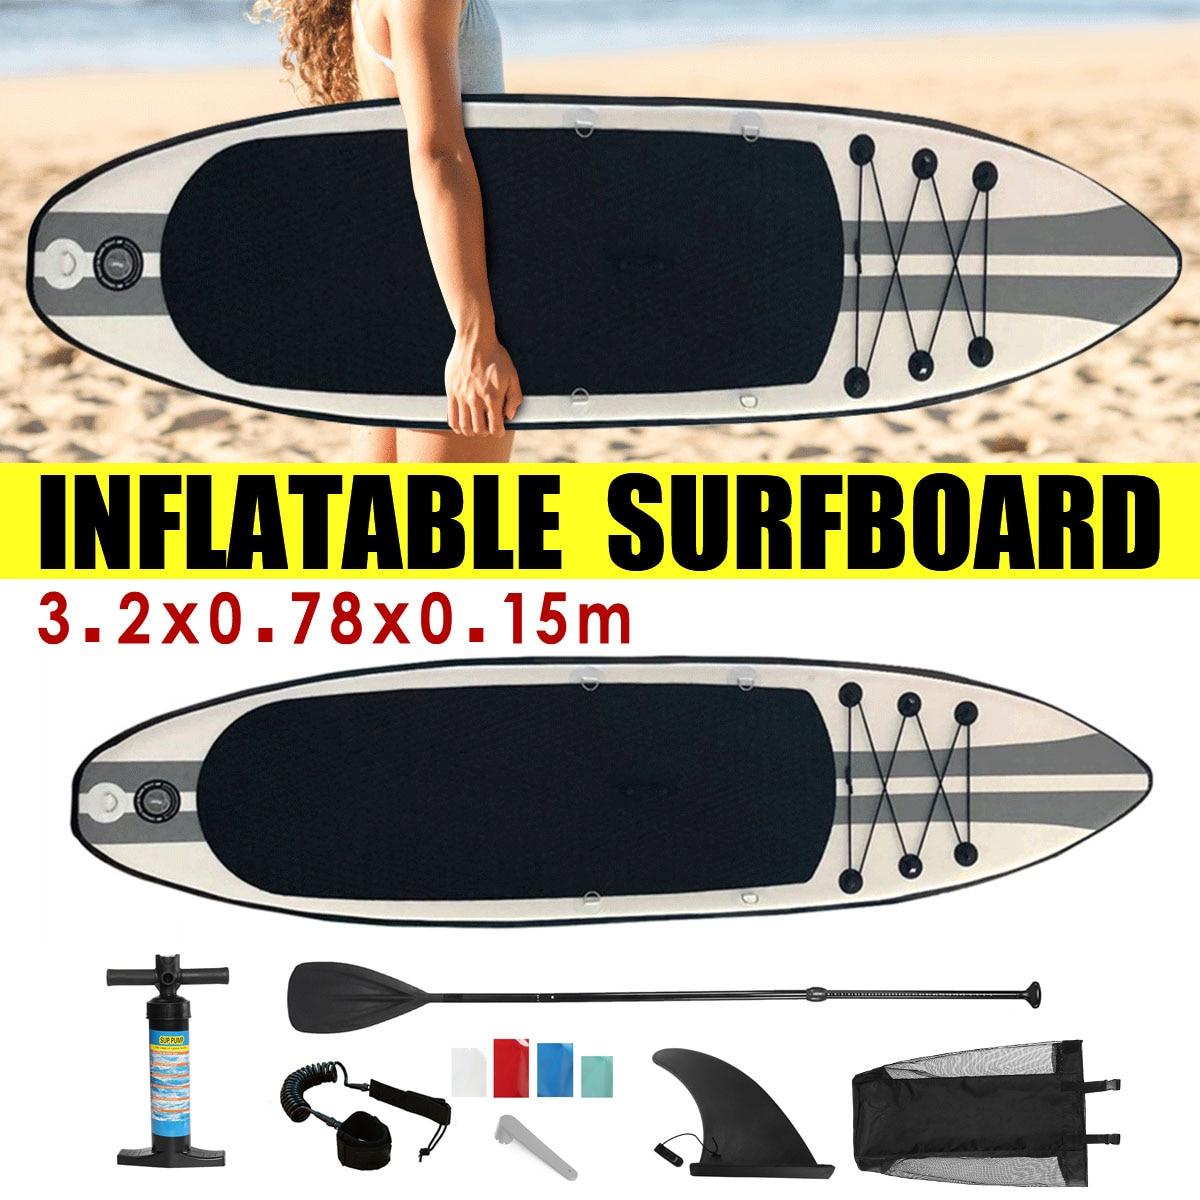 320x78x15 cm planche de surf gonflable 2019 planche de surf Stand Up Paddle planche de surf Sport nautique planche de Sup + pompe Kit d'outils de corde de sécurité